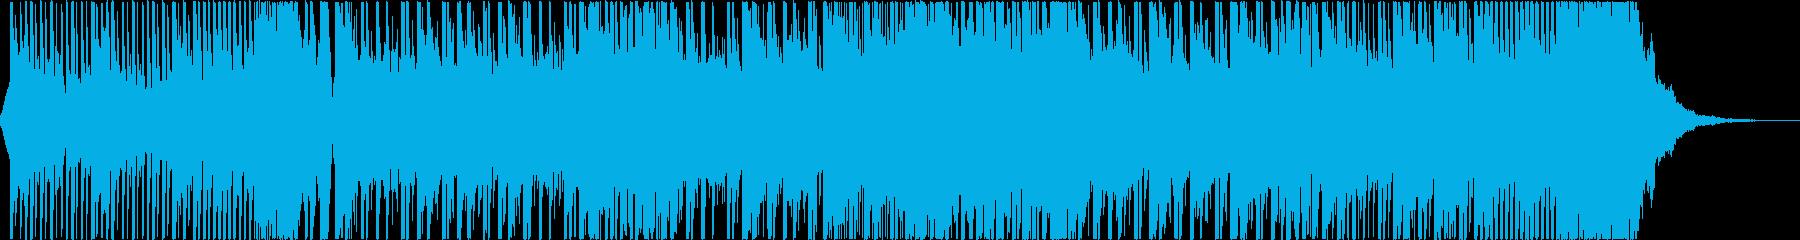 疾走感溢れるドラムンベースの再生済みの波形